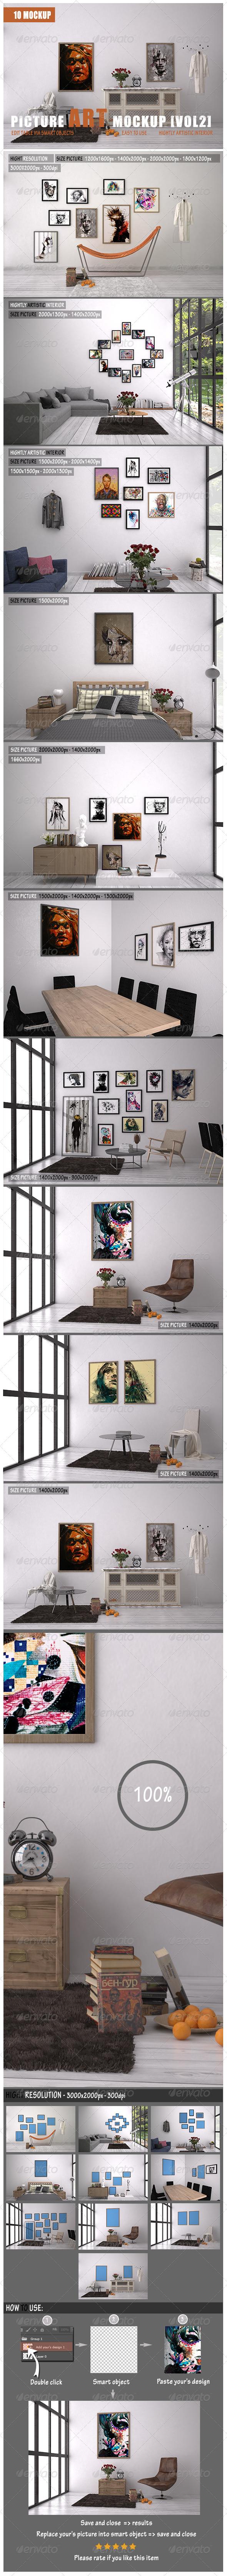 GraphicRiver Picture Art Mockup [Vol 2] 7766733